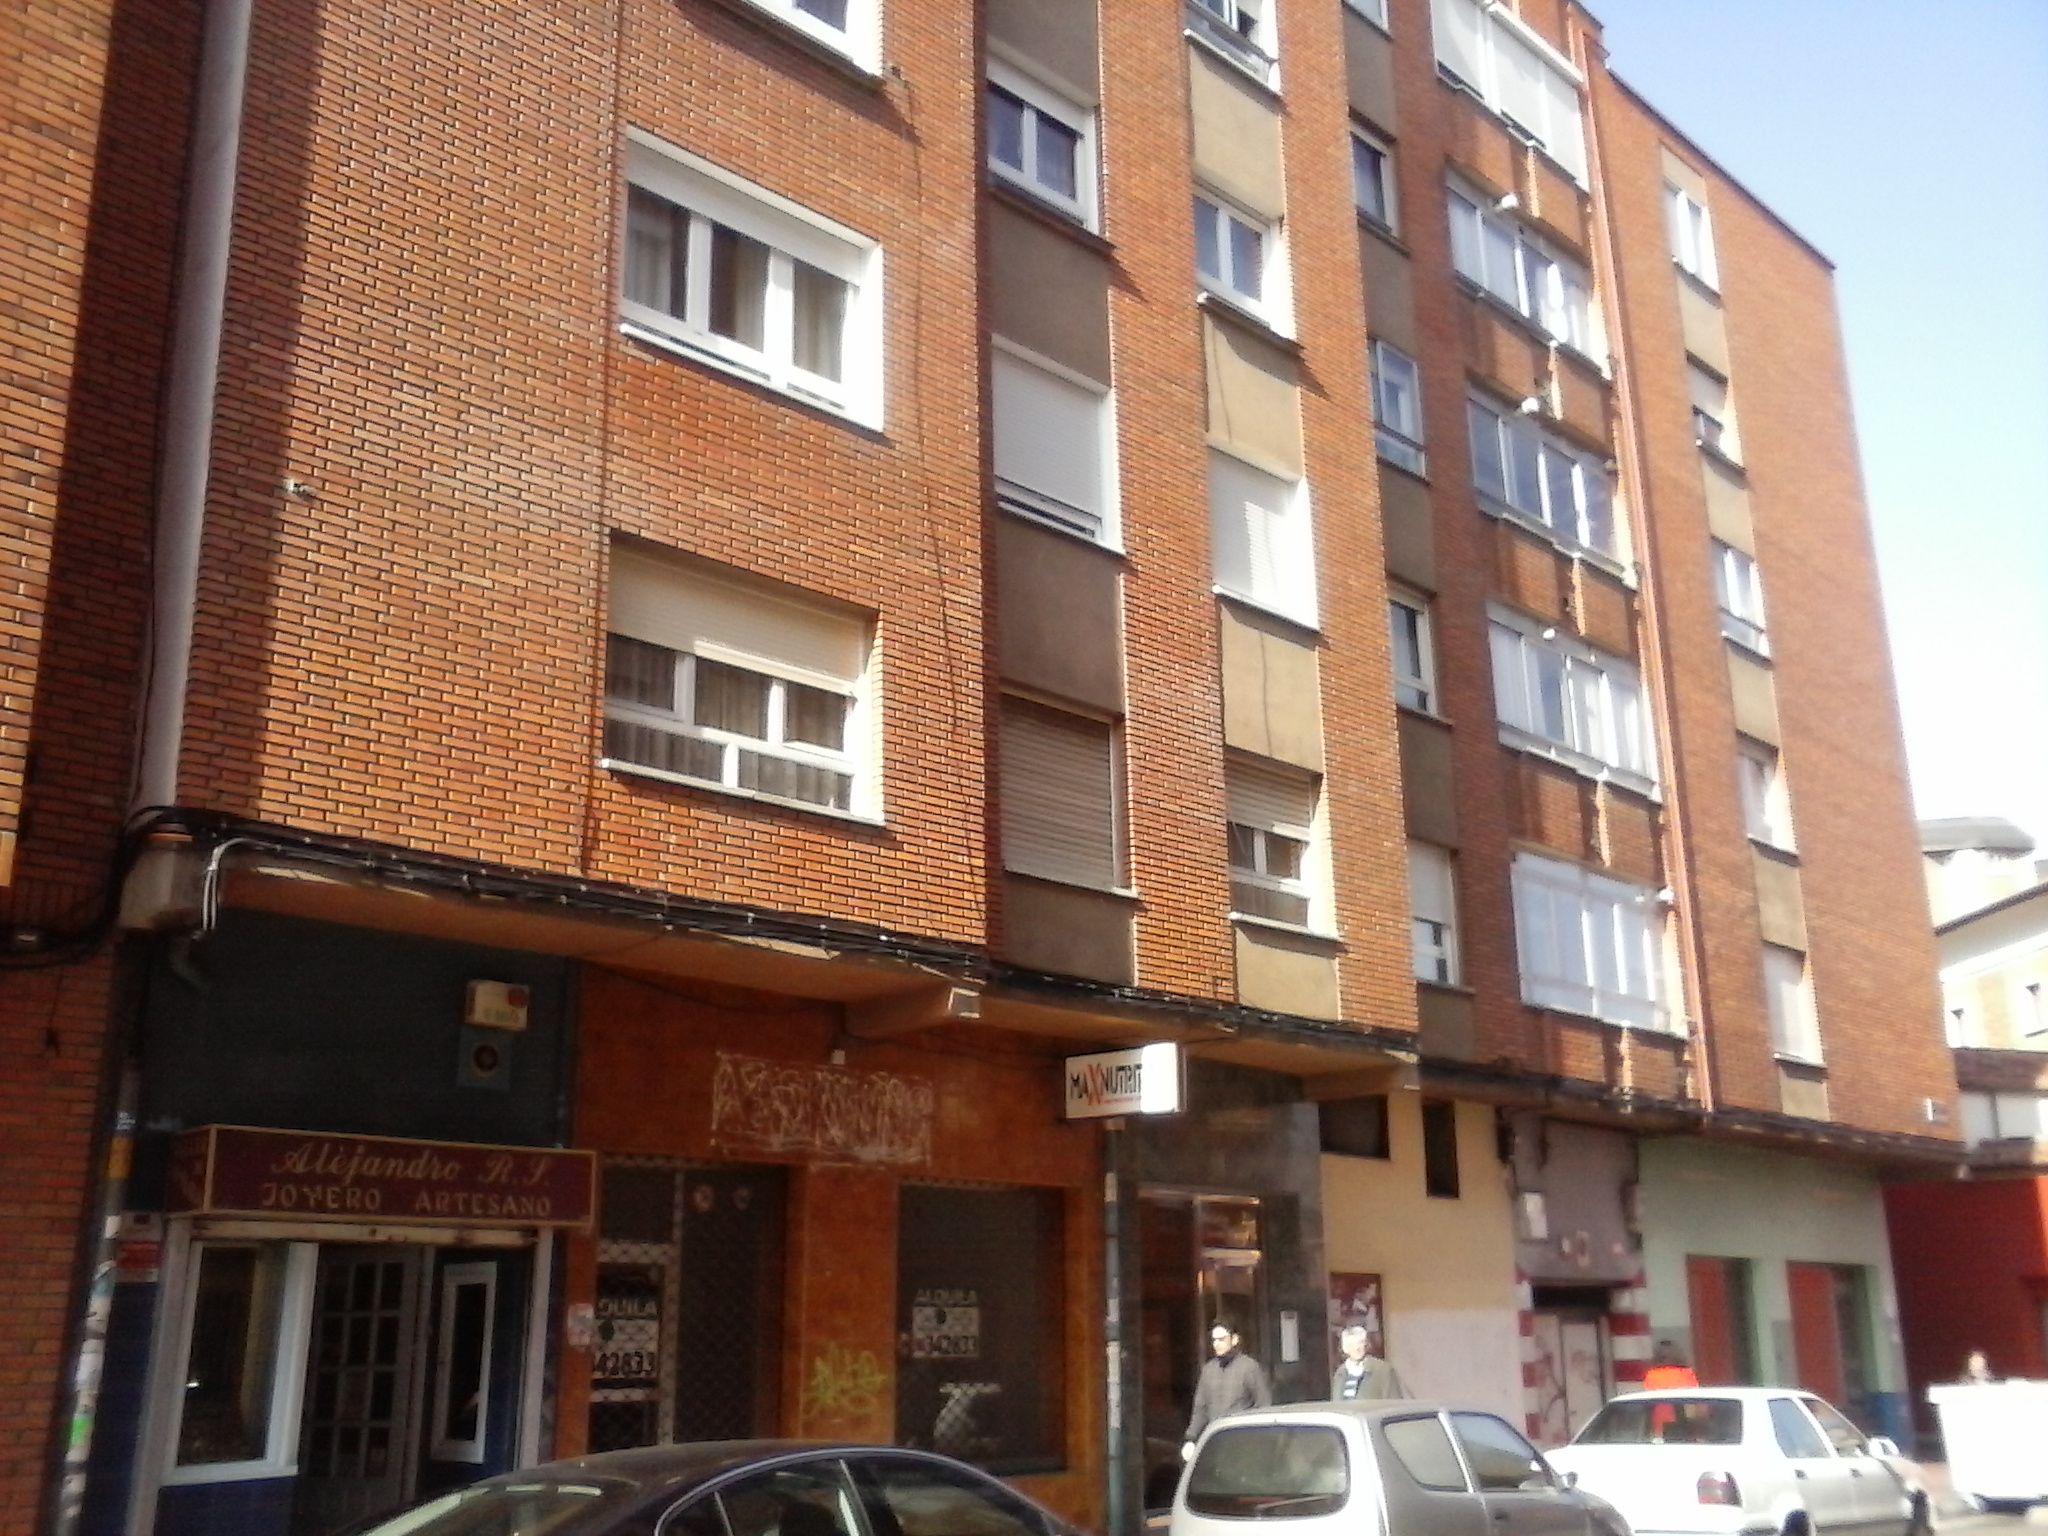 Opiniones sobre las inmobiliarias en Valladolid